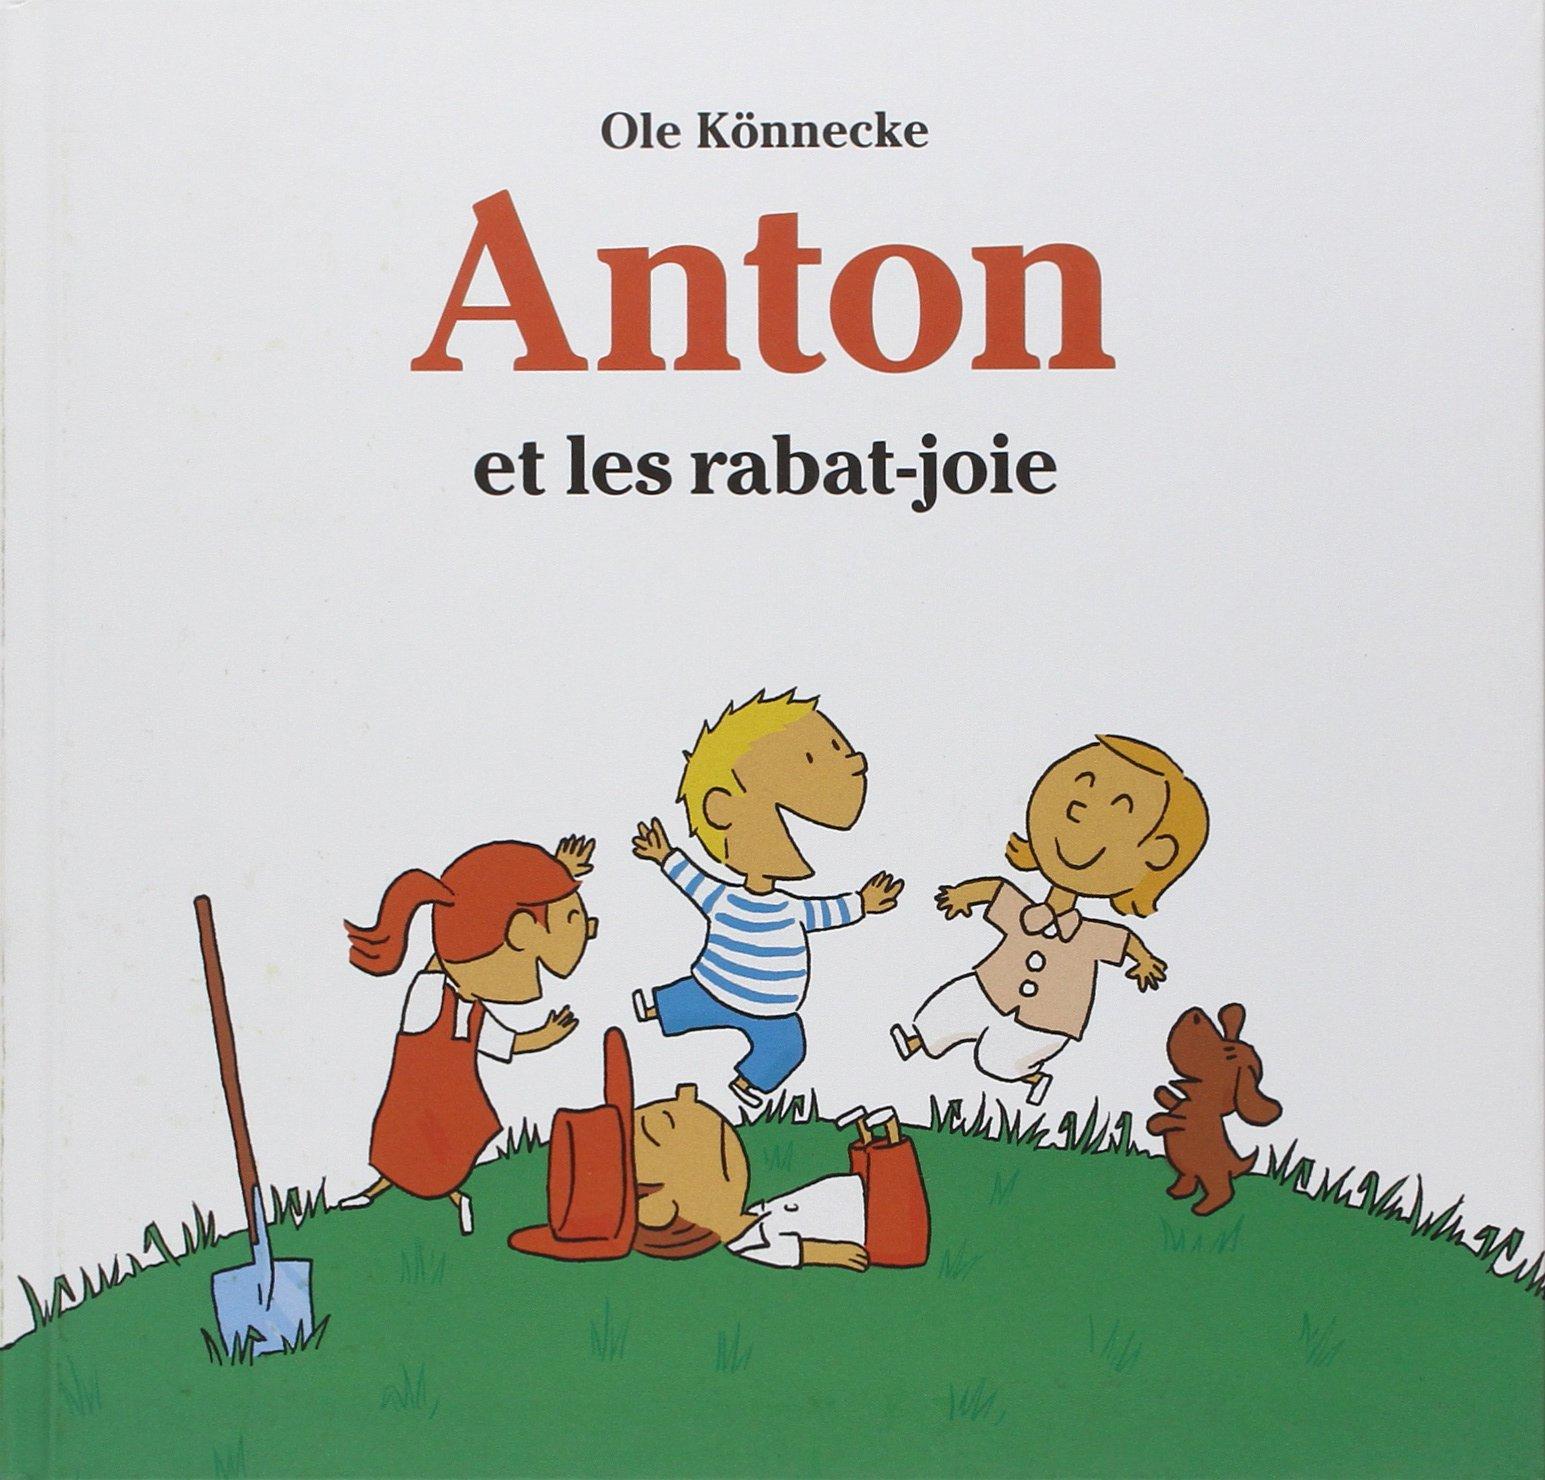 Anton et les rabat joie: Amazon.es: Ole Könnecke, Florence Seyvos: Libros en idiomas extranjeros